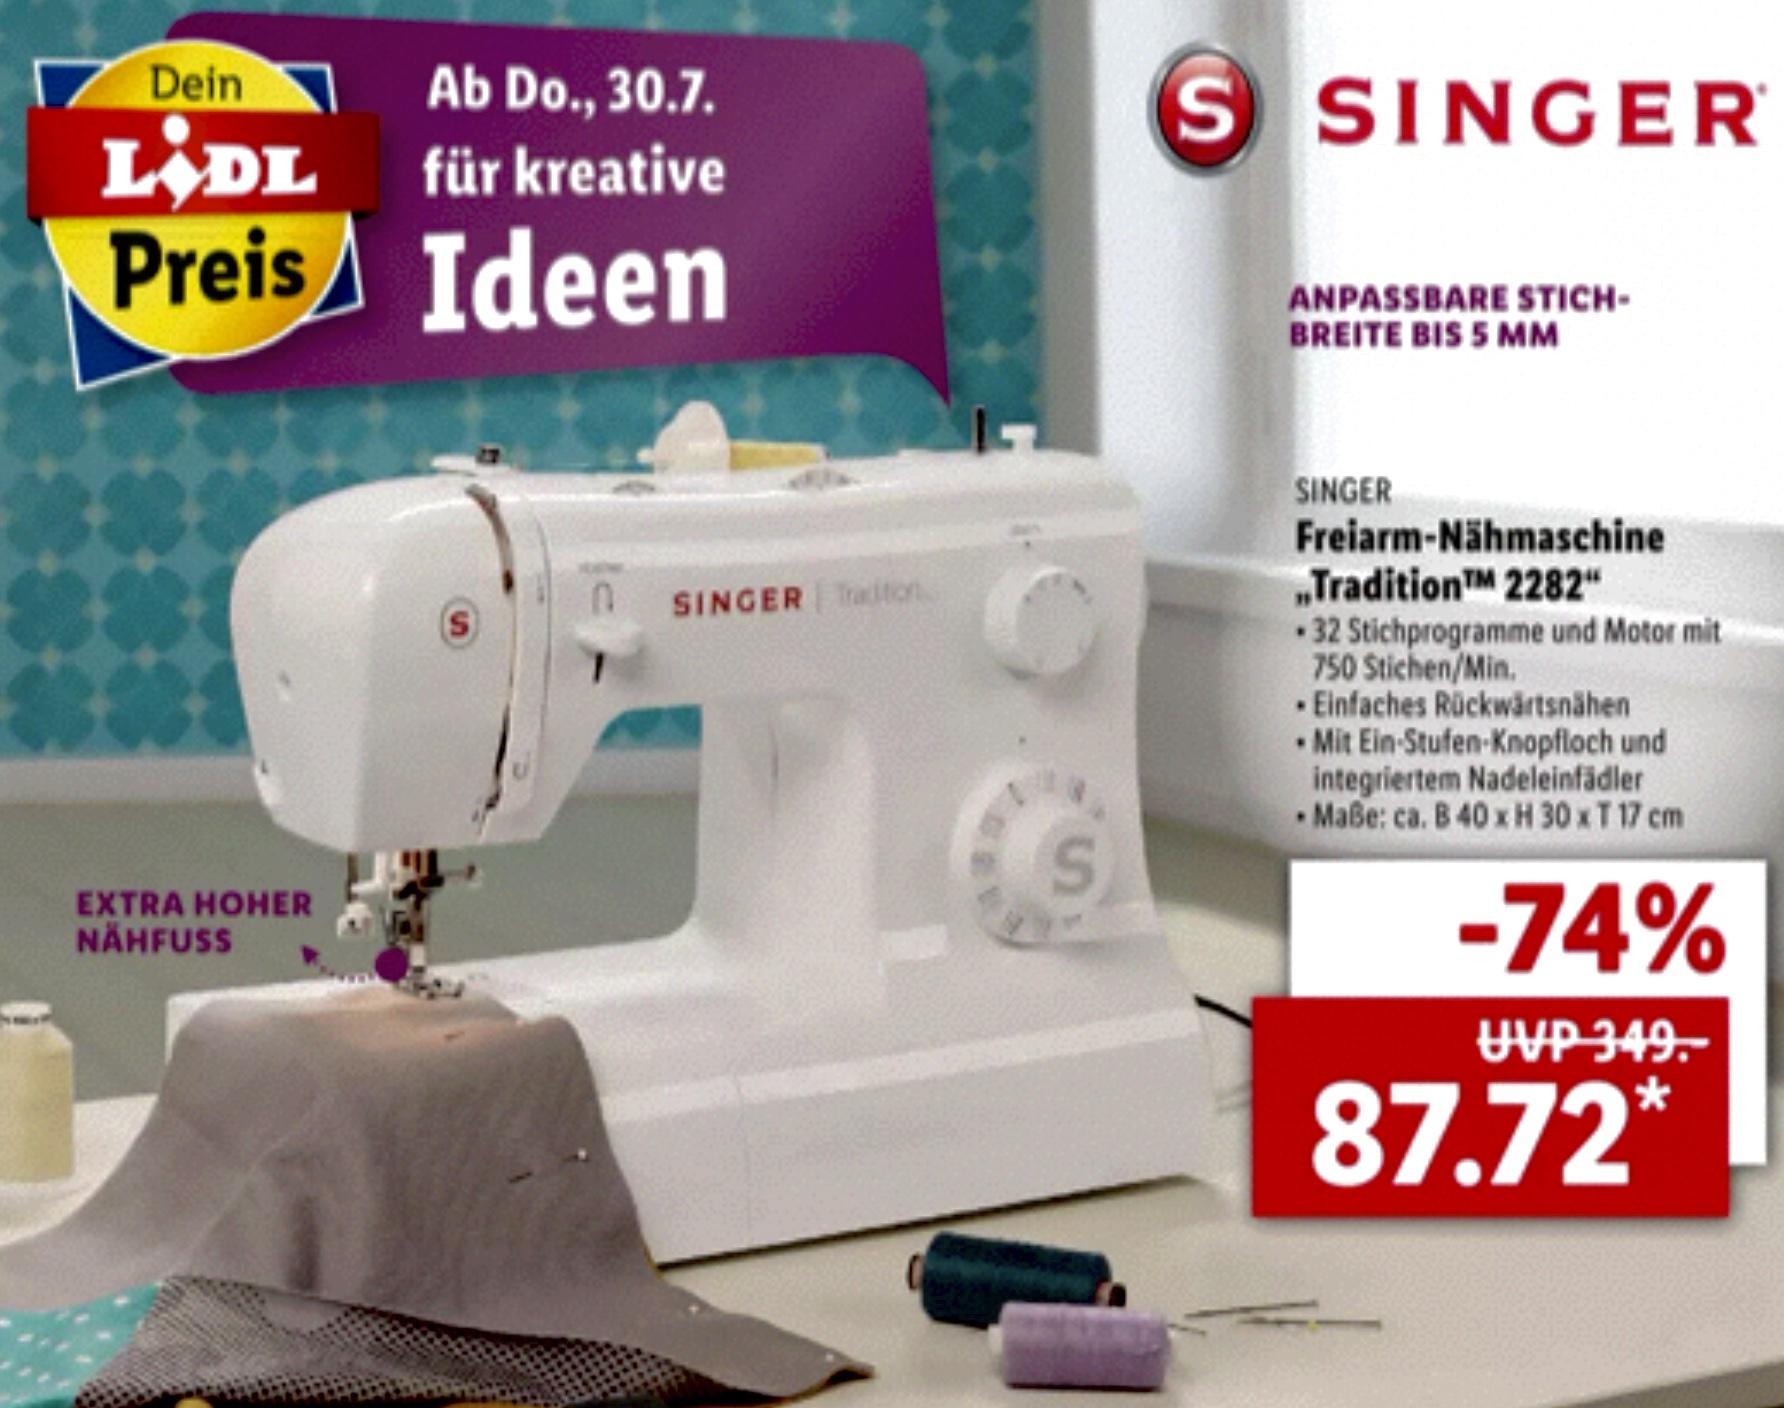 SINGER Freiarm-Nähmaschine Tradition 2282 Automatischer Nadeleinfädler 32 Stichprogramme für 87,72€